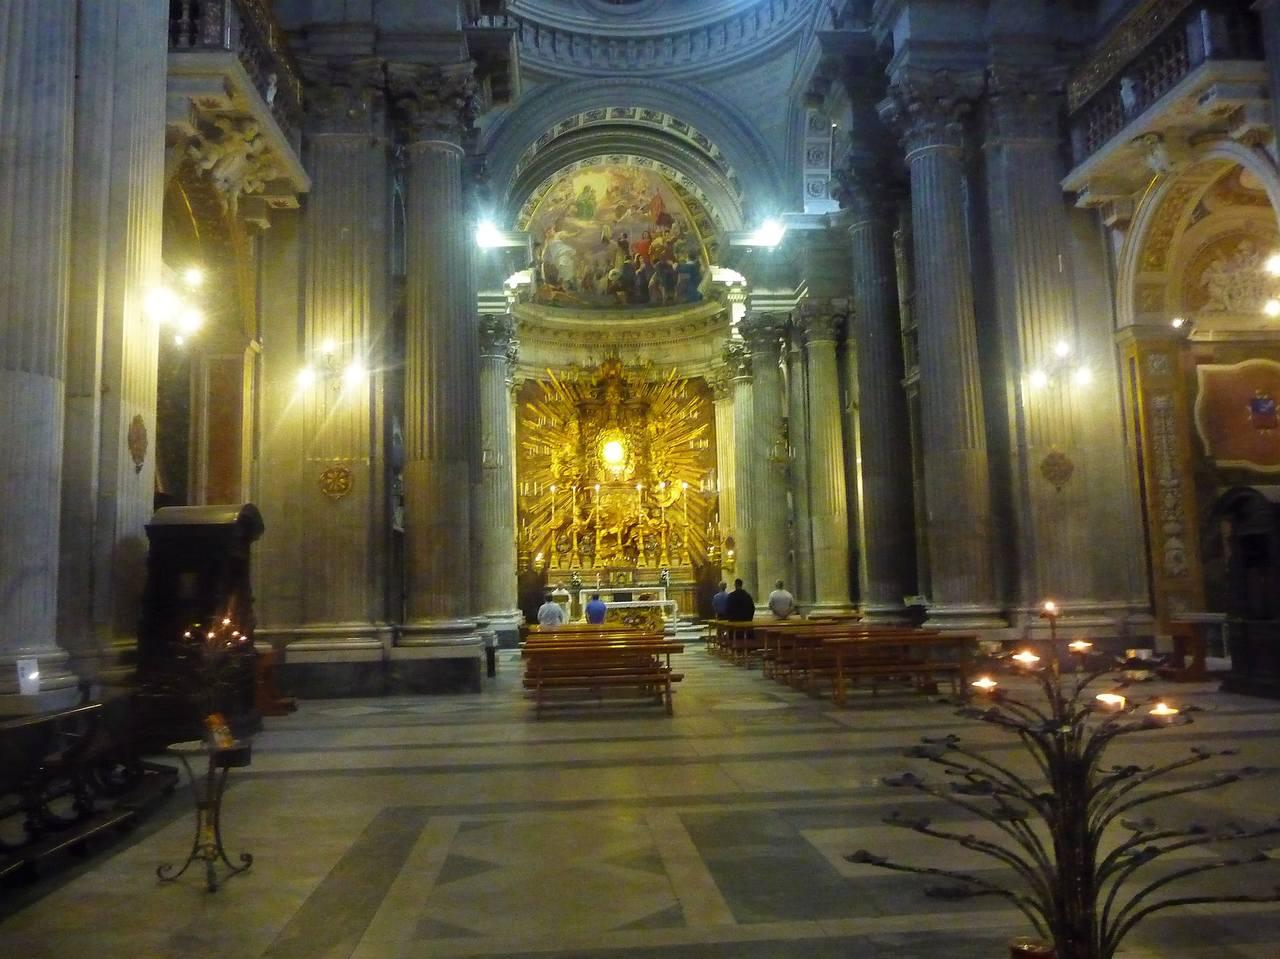 Chiesa S. Maria in Campitelli (12)